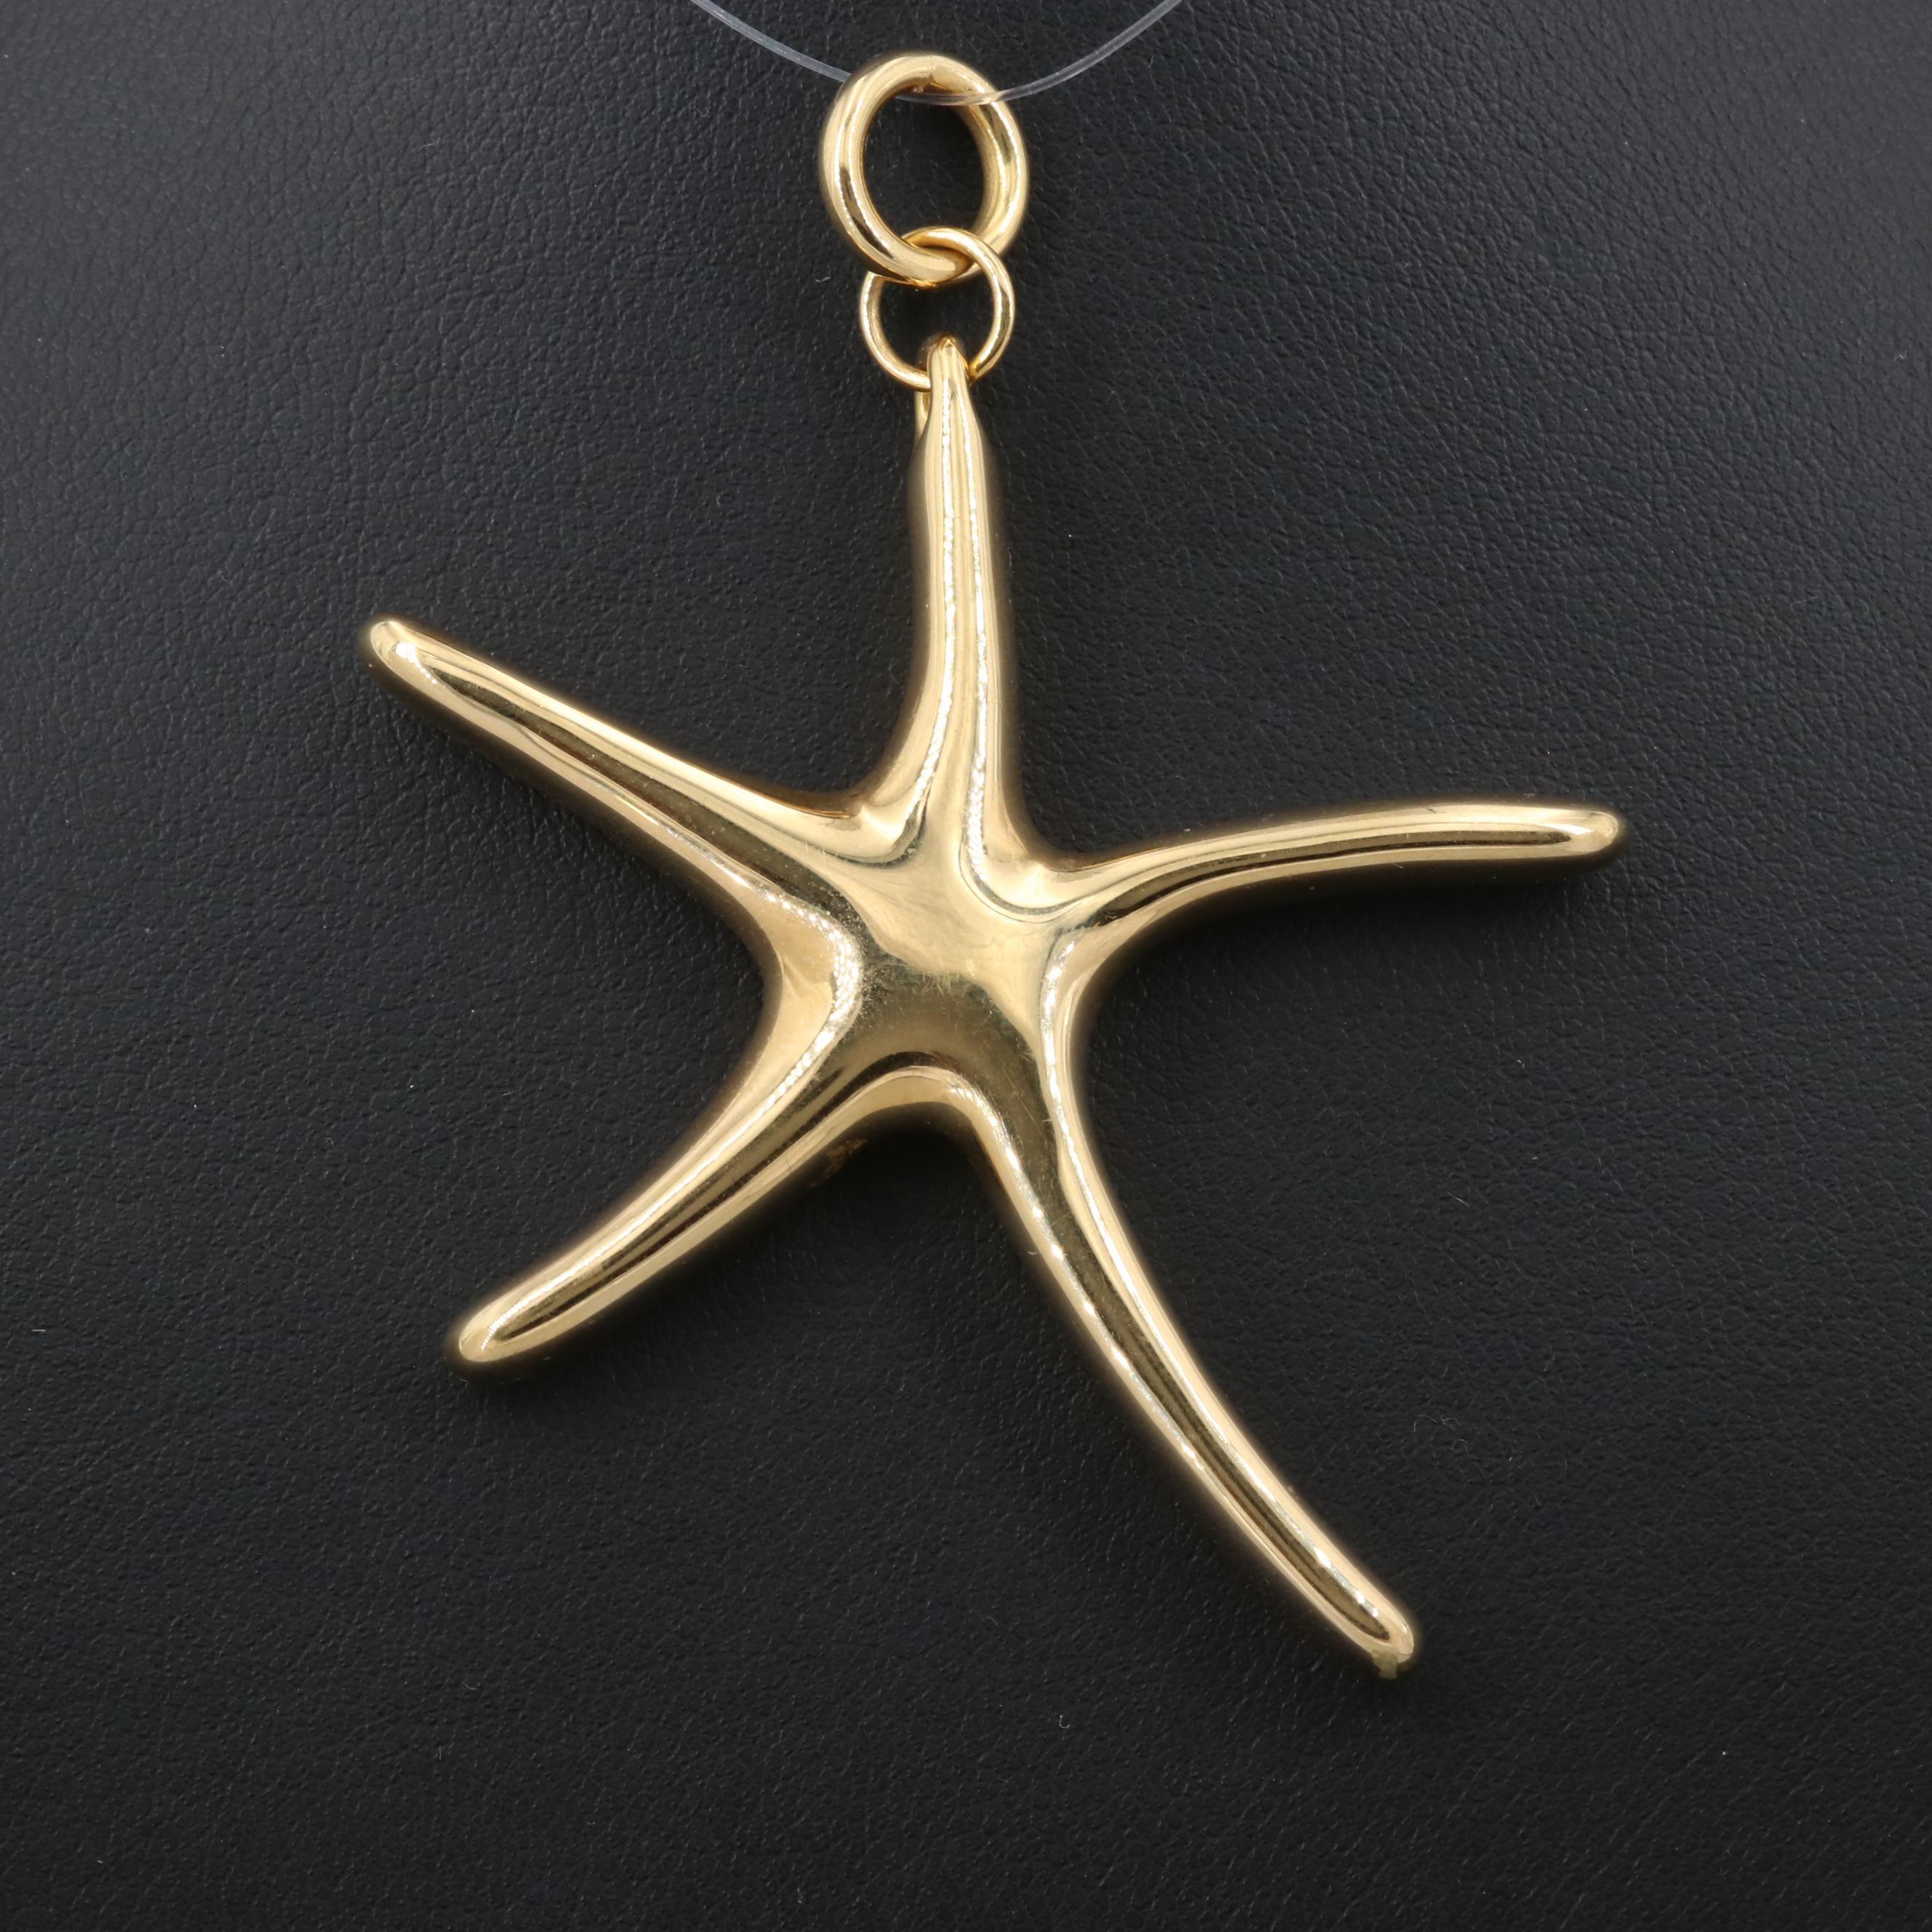 18K Yellow Gold Starfish Pendant